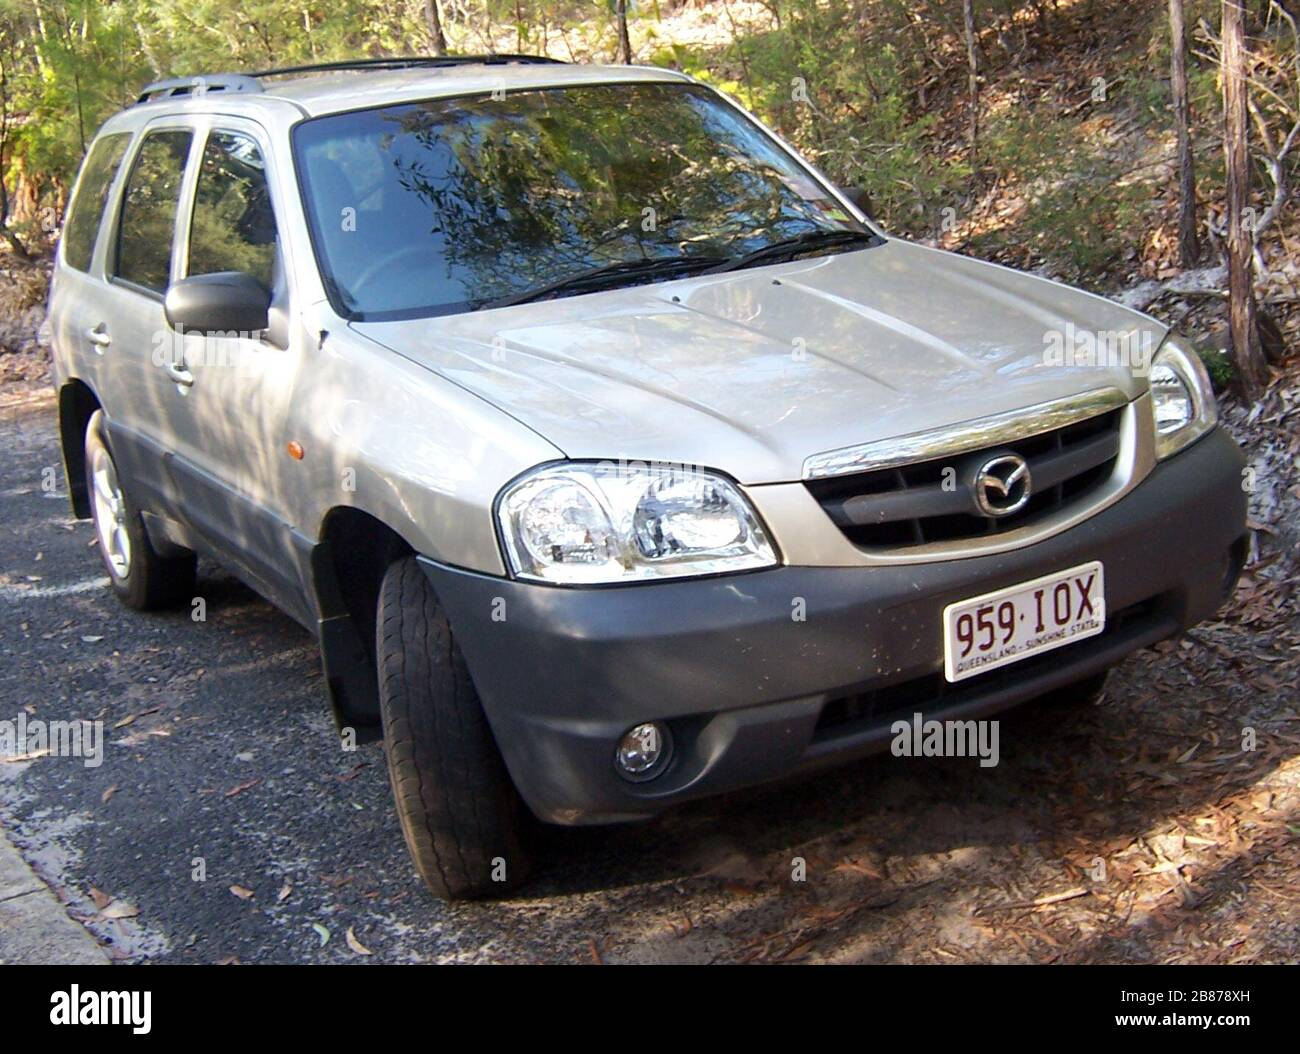 Kelebihan Kekurangan Mazda Tribute V6 Review